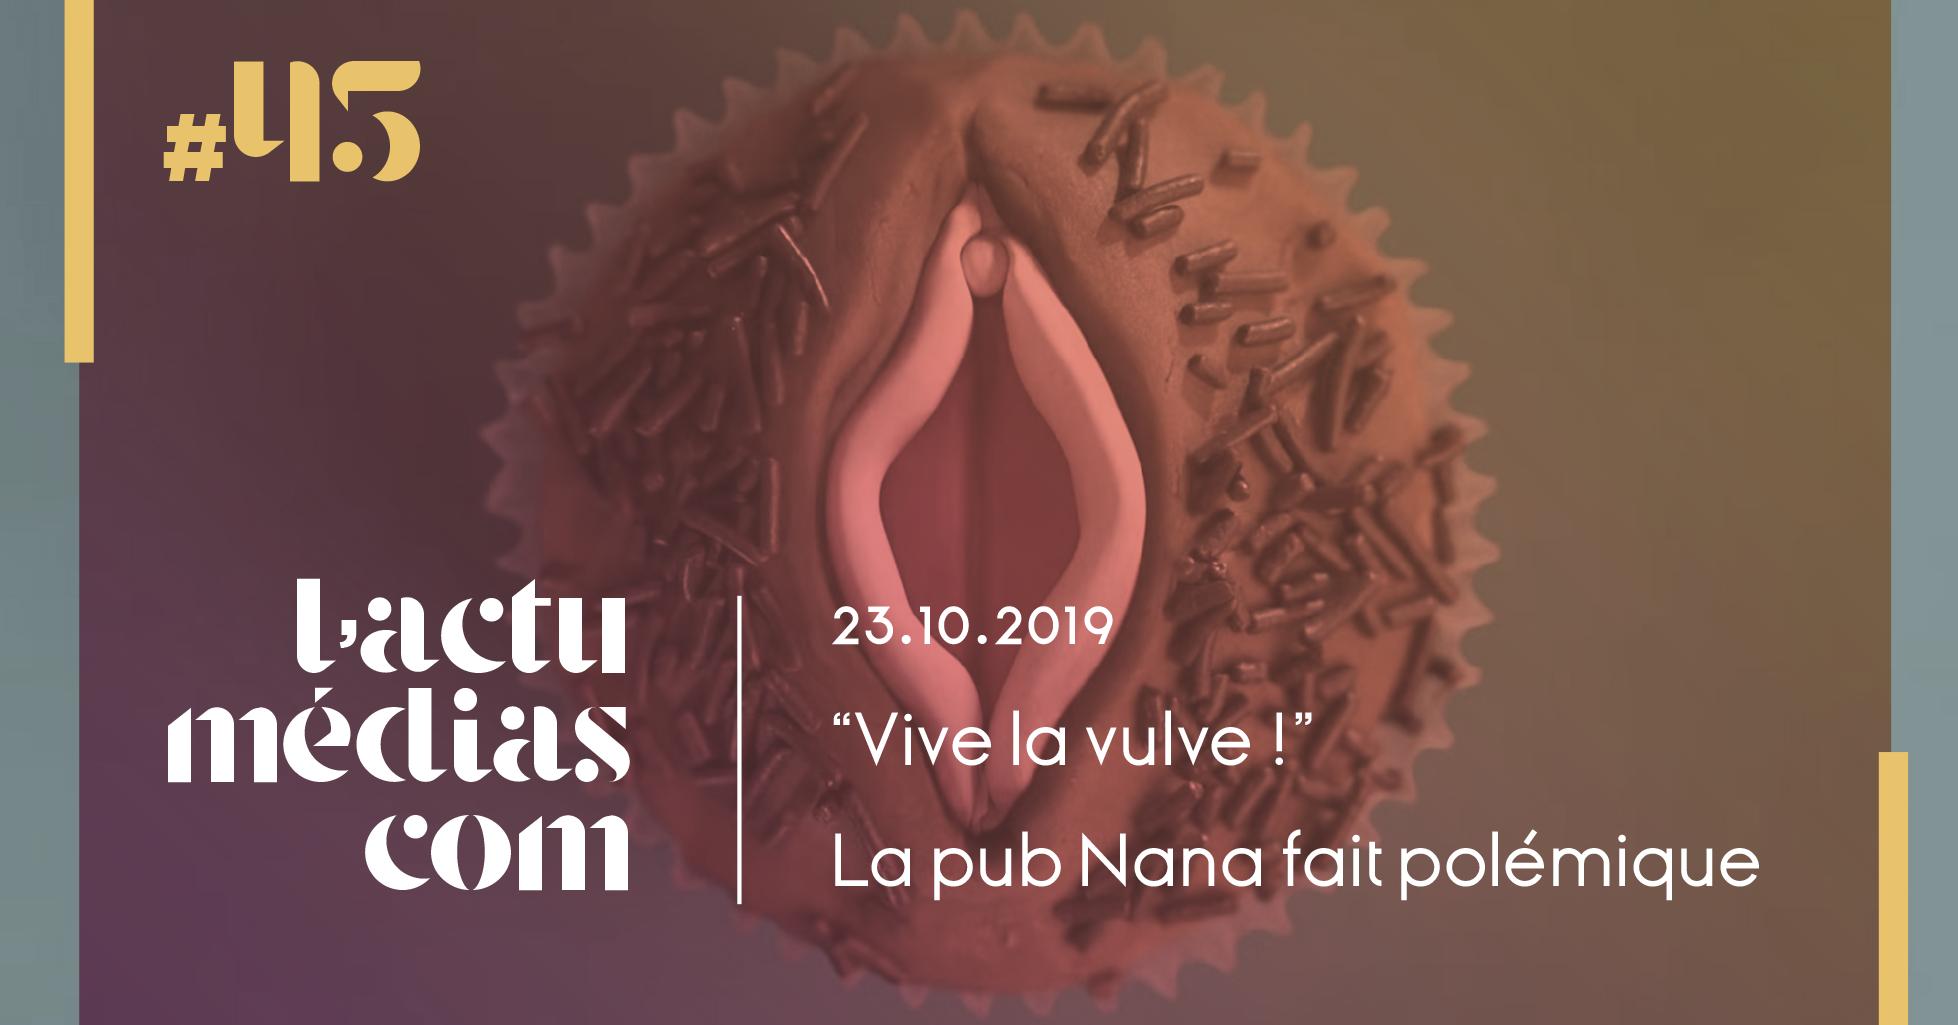 Vive la vulve, pub de Nana